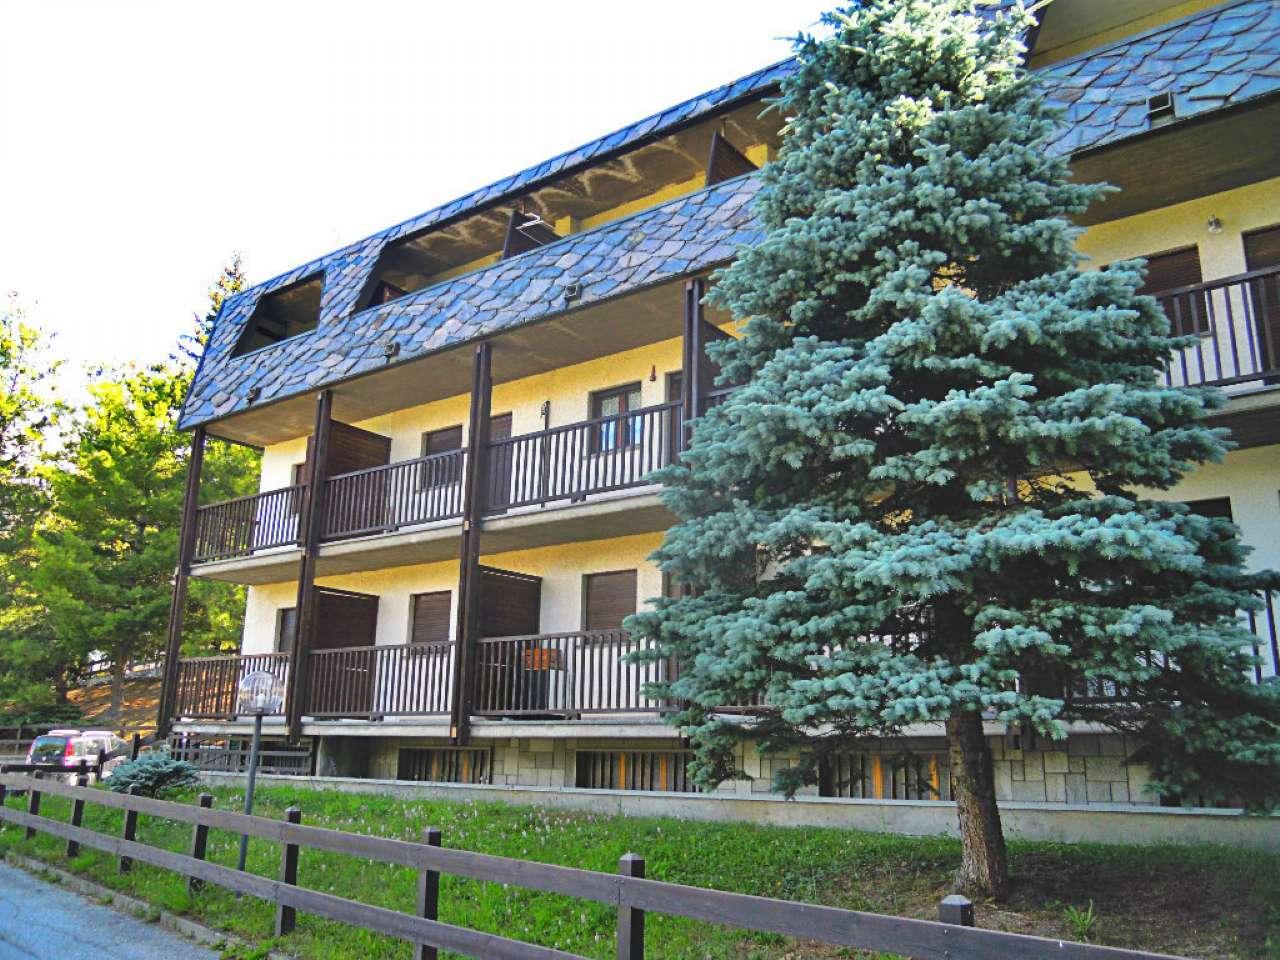 Appartamento in vendita a Sauze d'Oulx, 2 locali, prezzo € 85.000 | CambioCasa.it